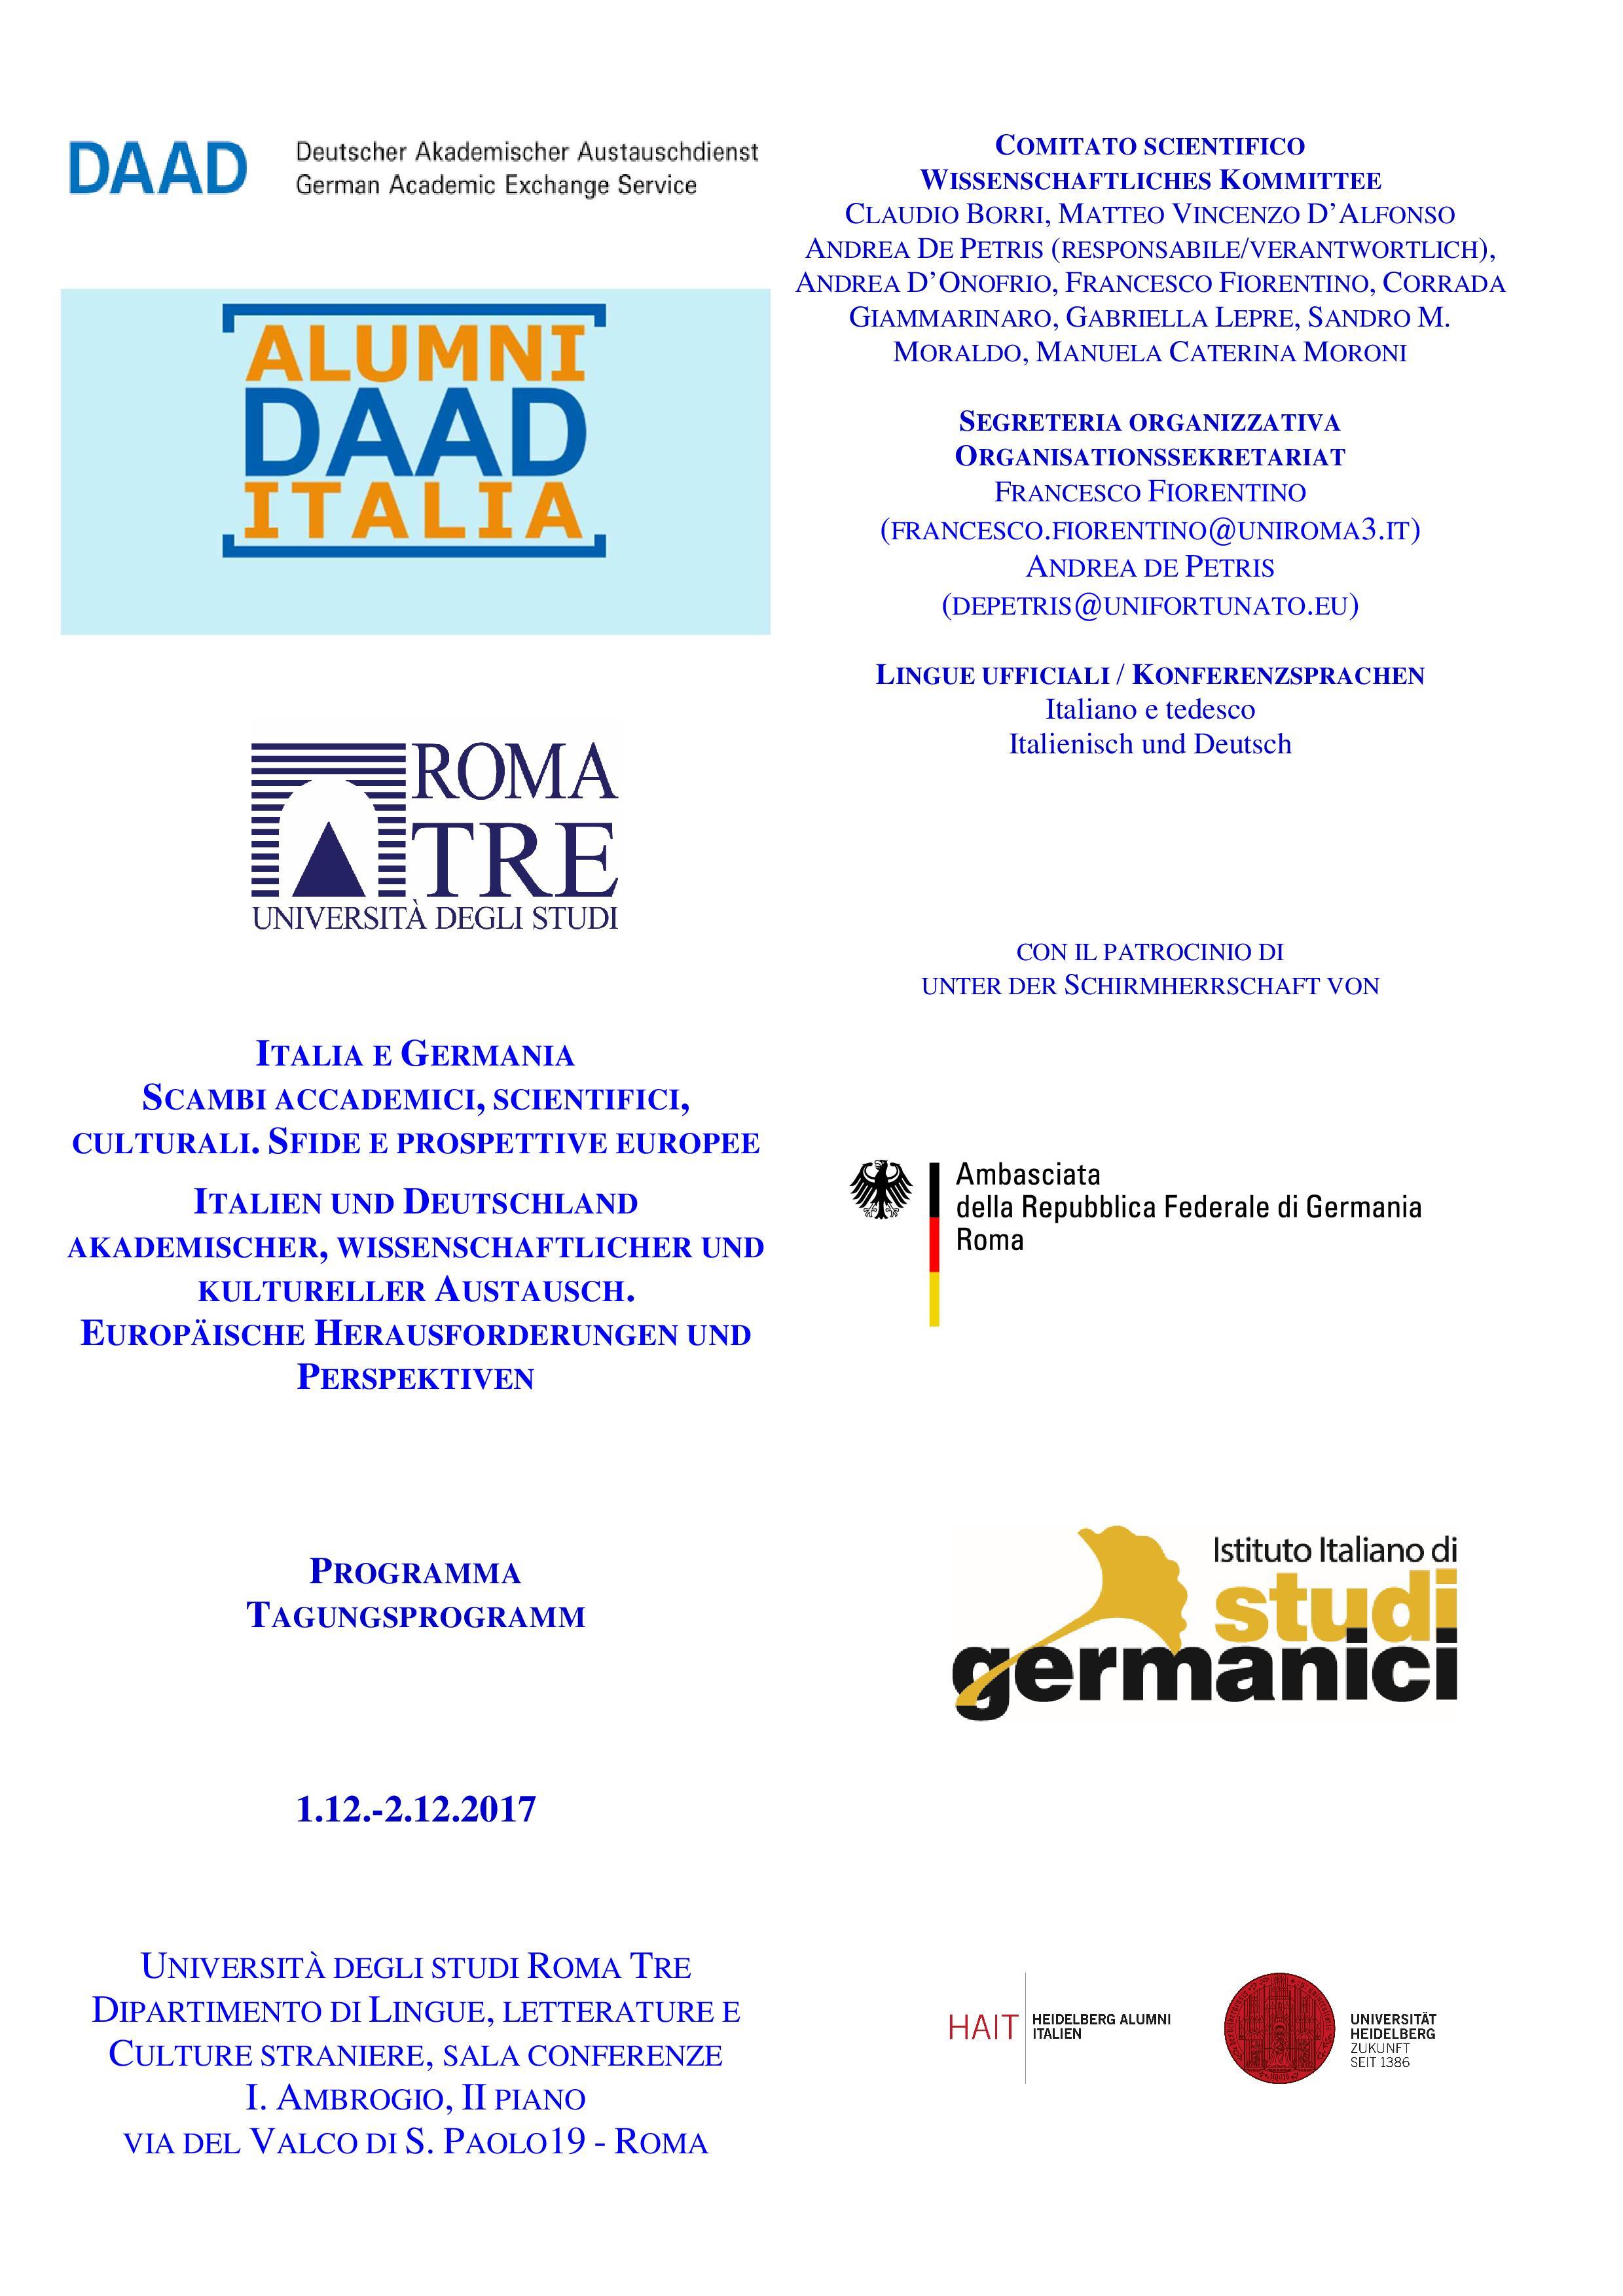 ADI_Programma_Dicembre_2017-page-001